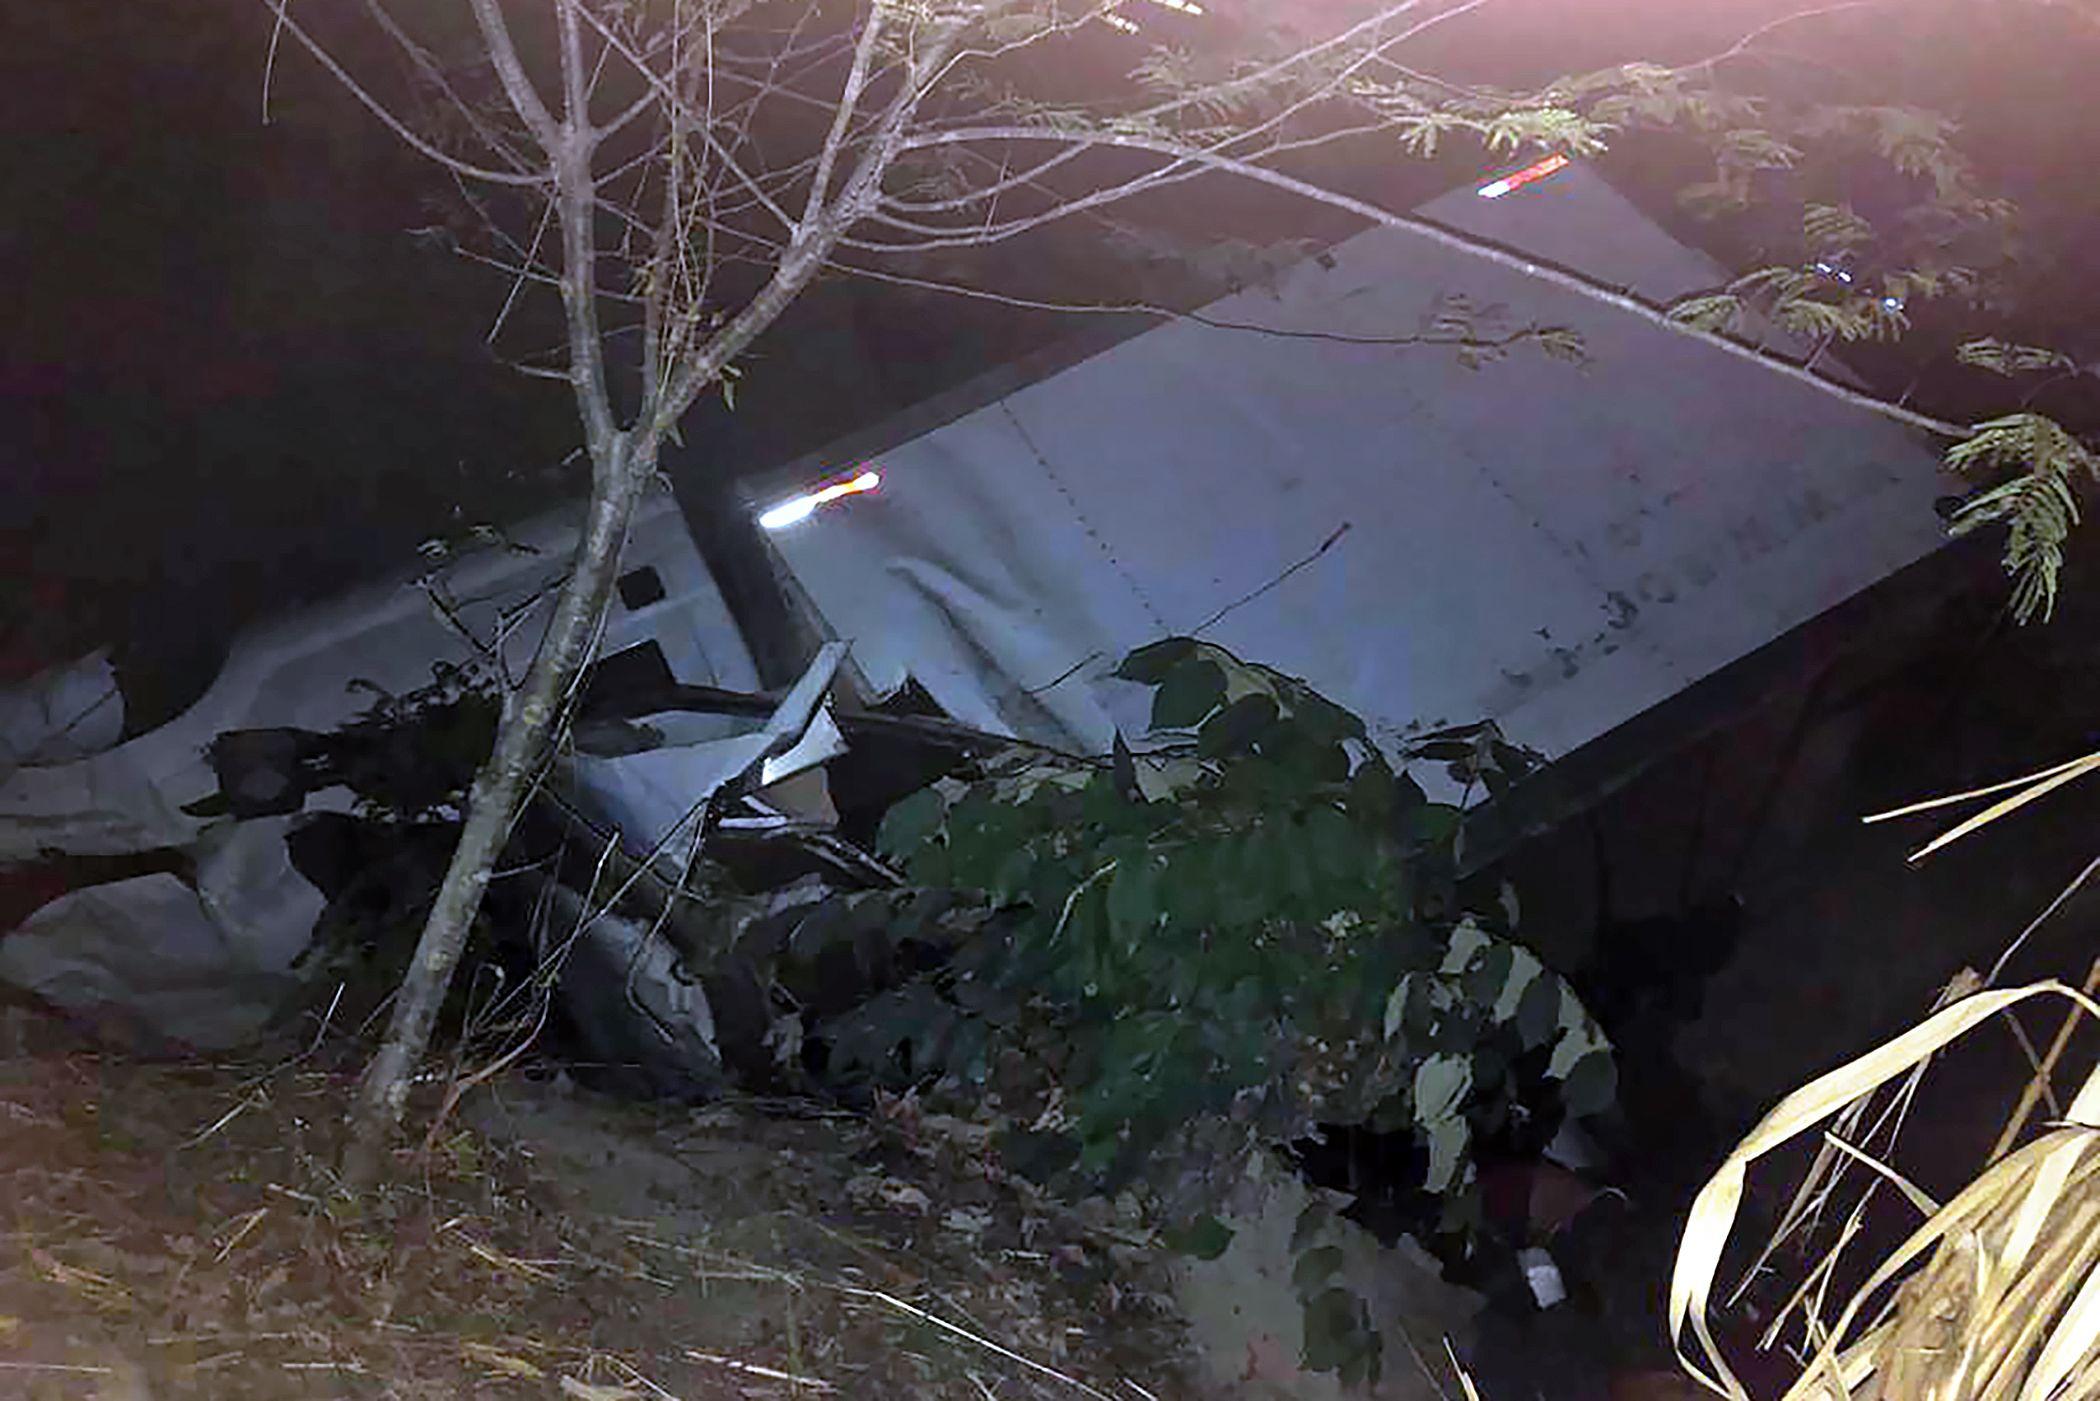 En este camión viajaban los migrantes guatemaltecos que fallecieron en una carretera de Chiapas, México. (Foto Prensa Libre: AFP)